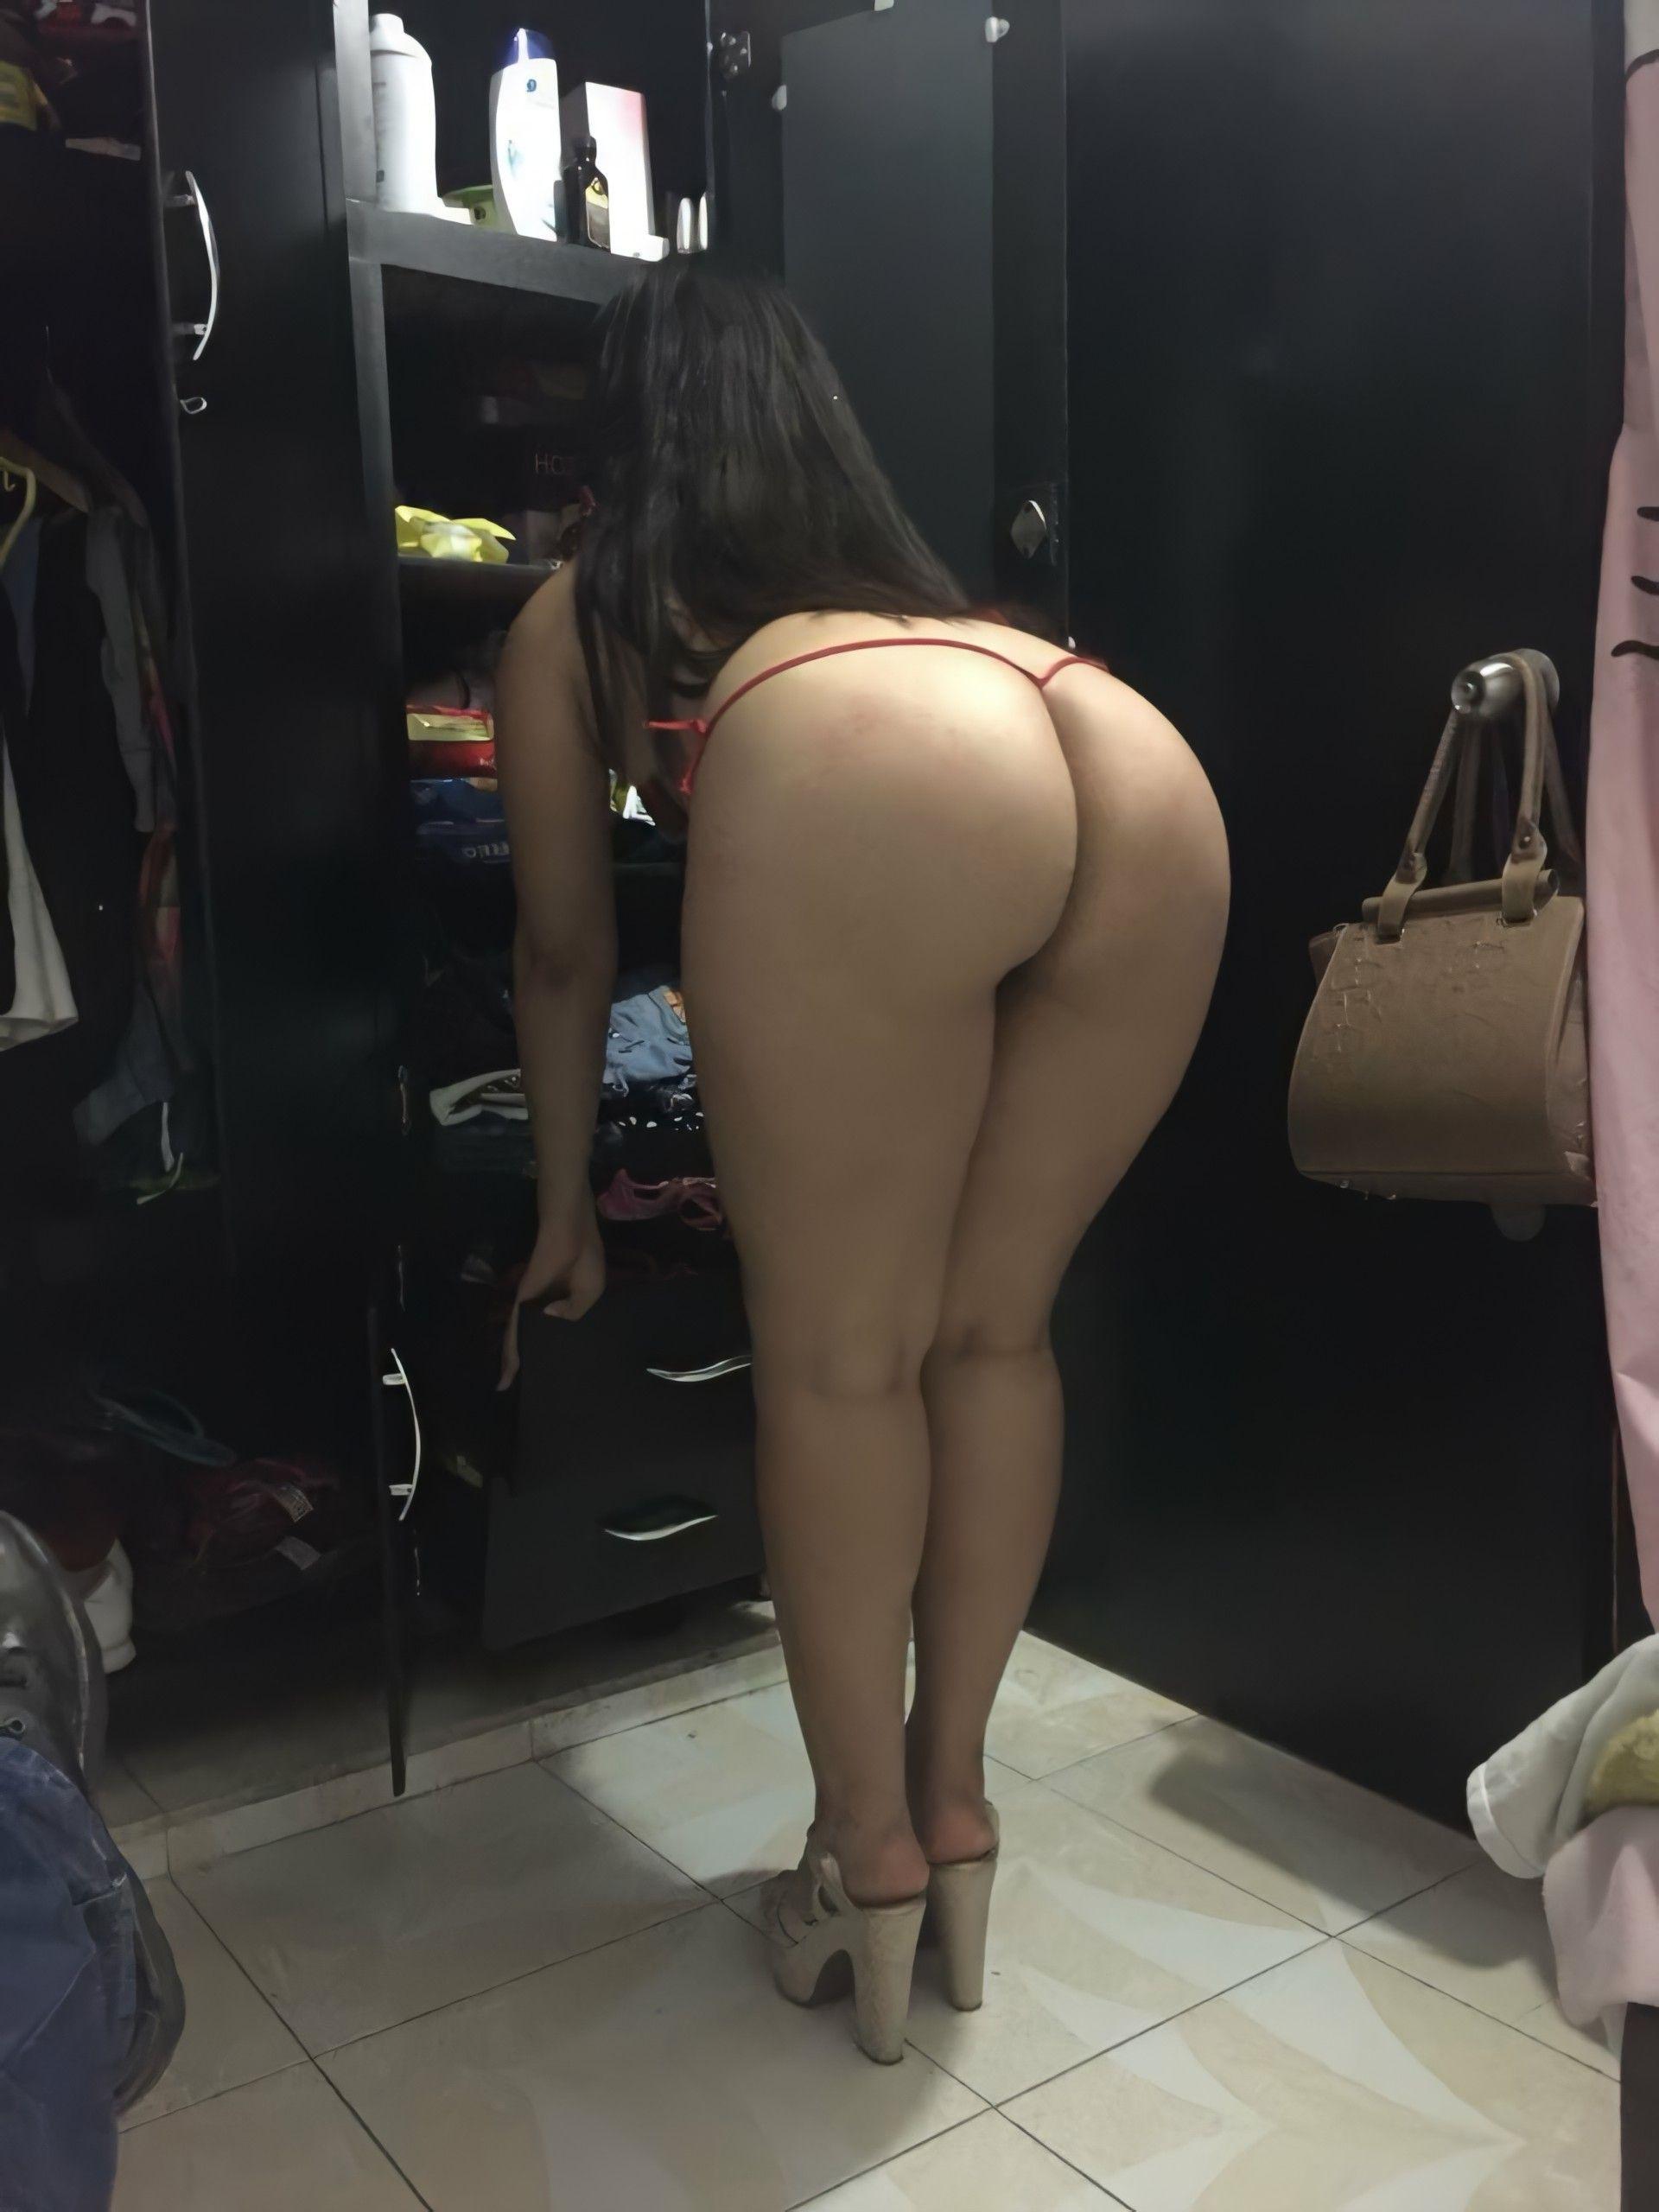 Itzel. Una Mexicana muy caliente. Fotos+Vídeos sexuales explícitos 4